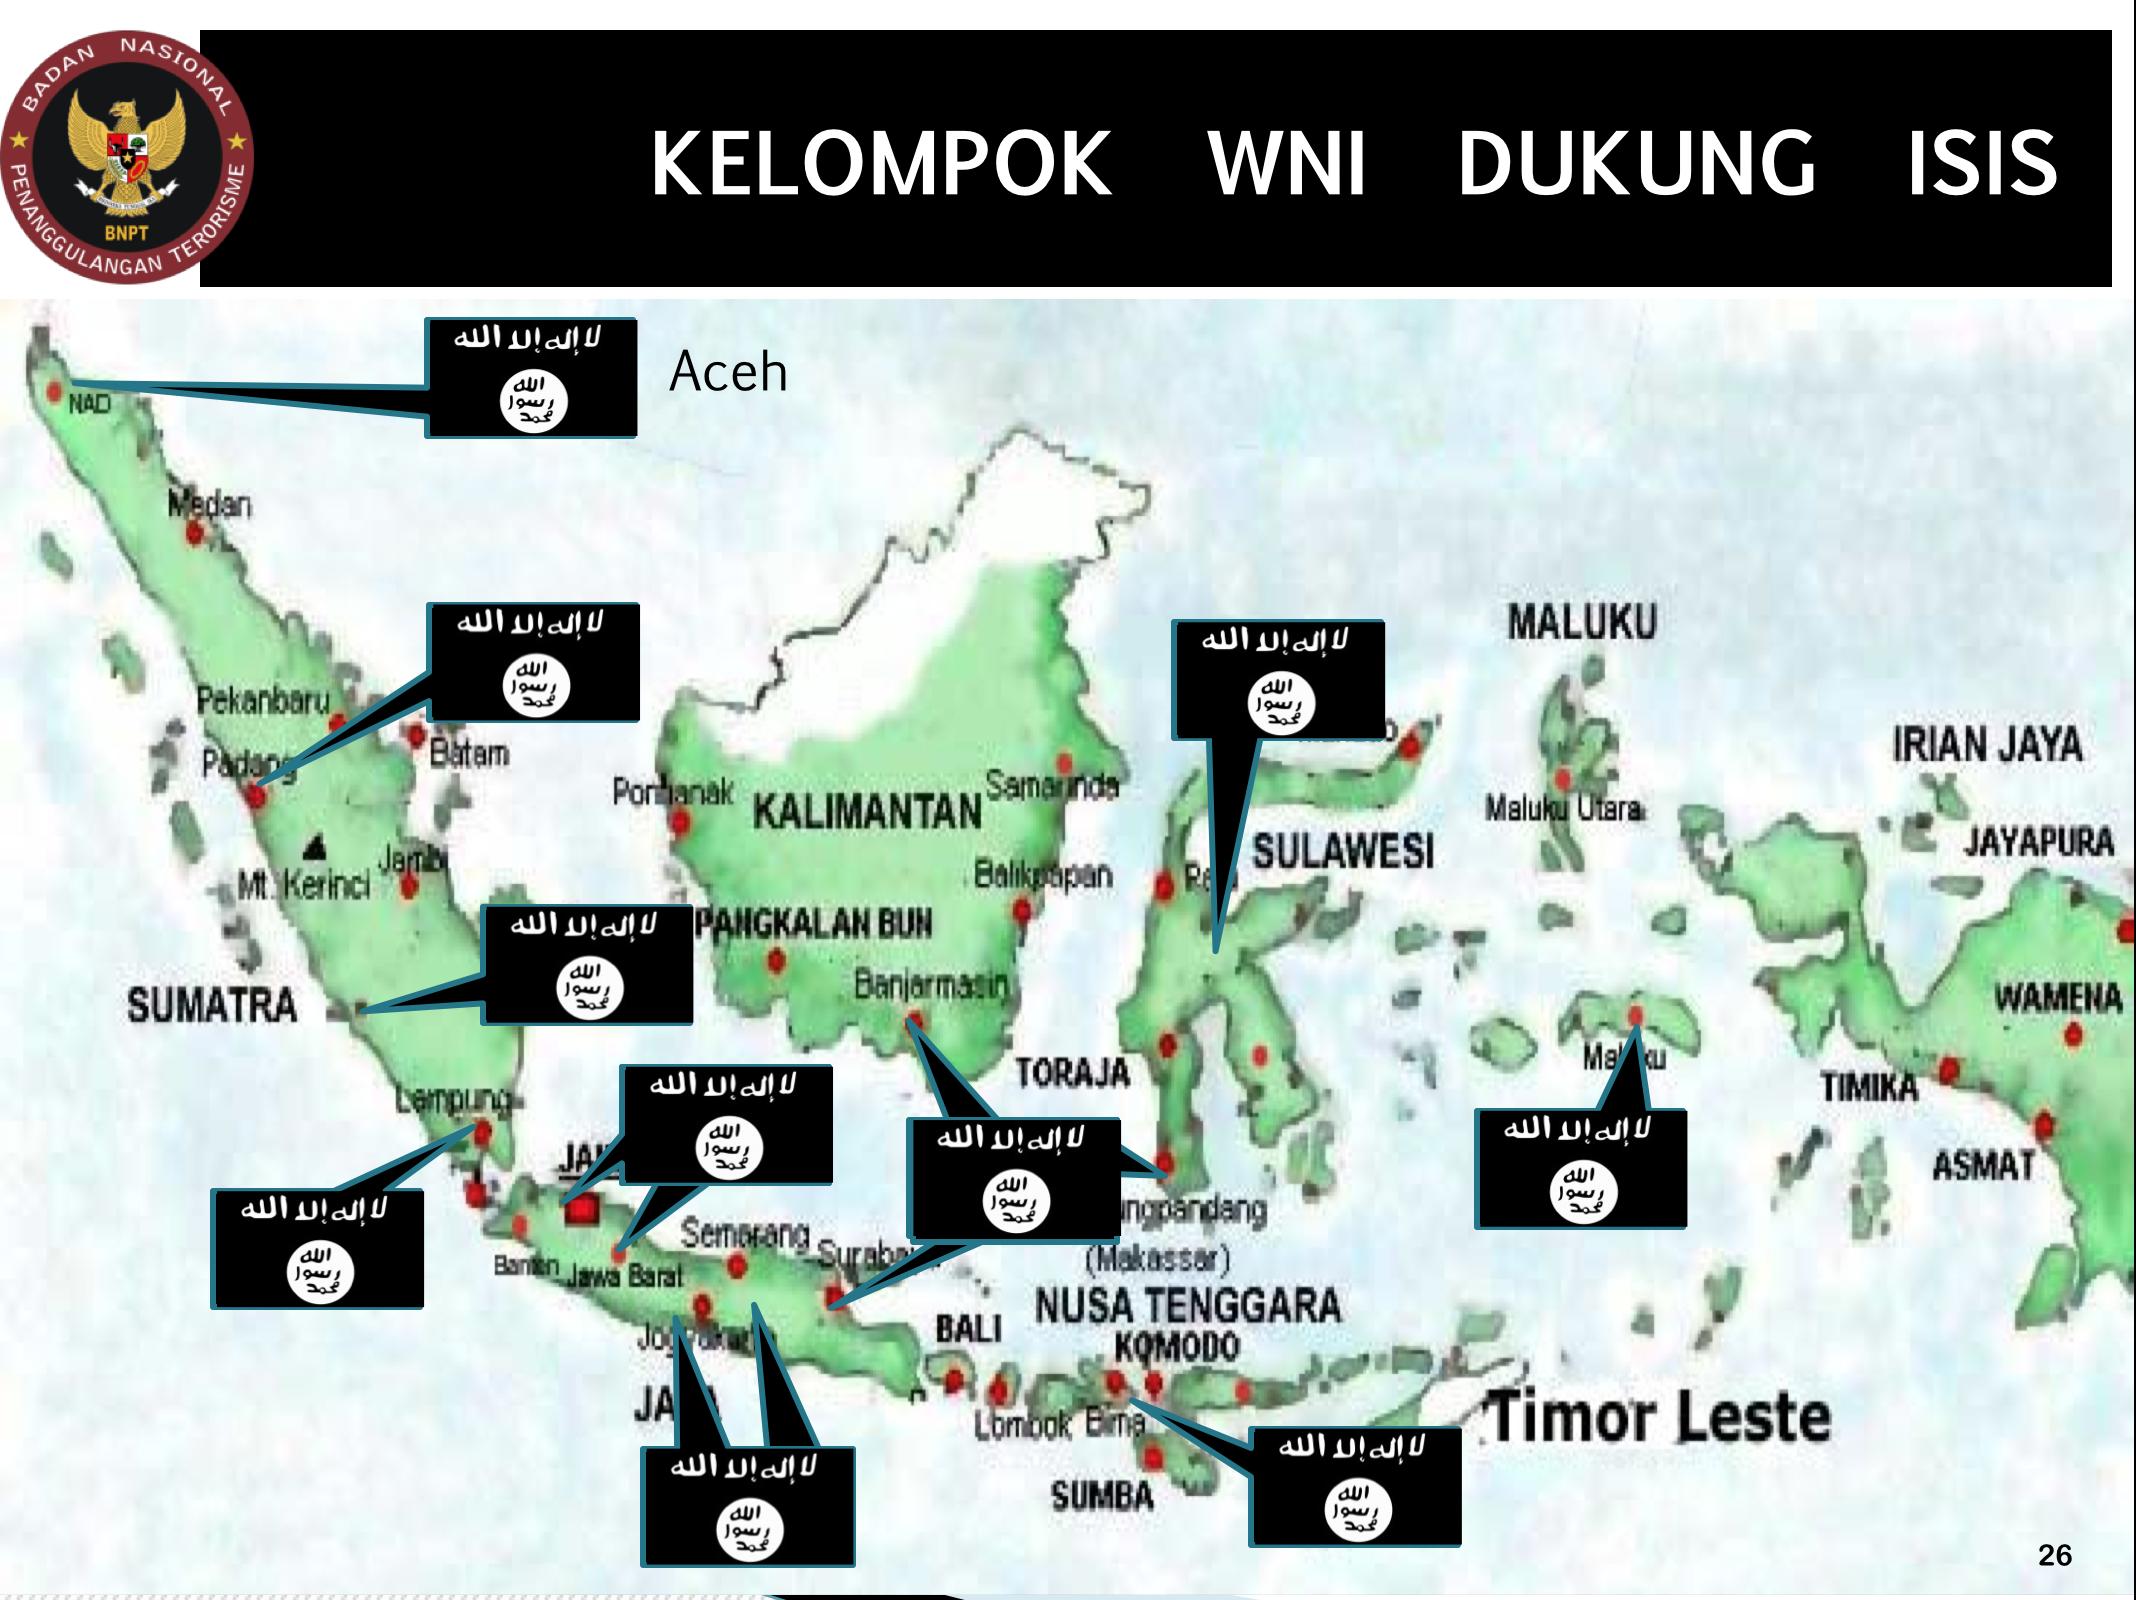 Sejumlah kelompok Indonesia yang menyatakan dukungan terhadap ISIS. Sumber BNPT